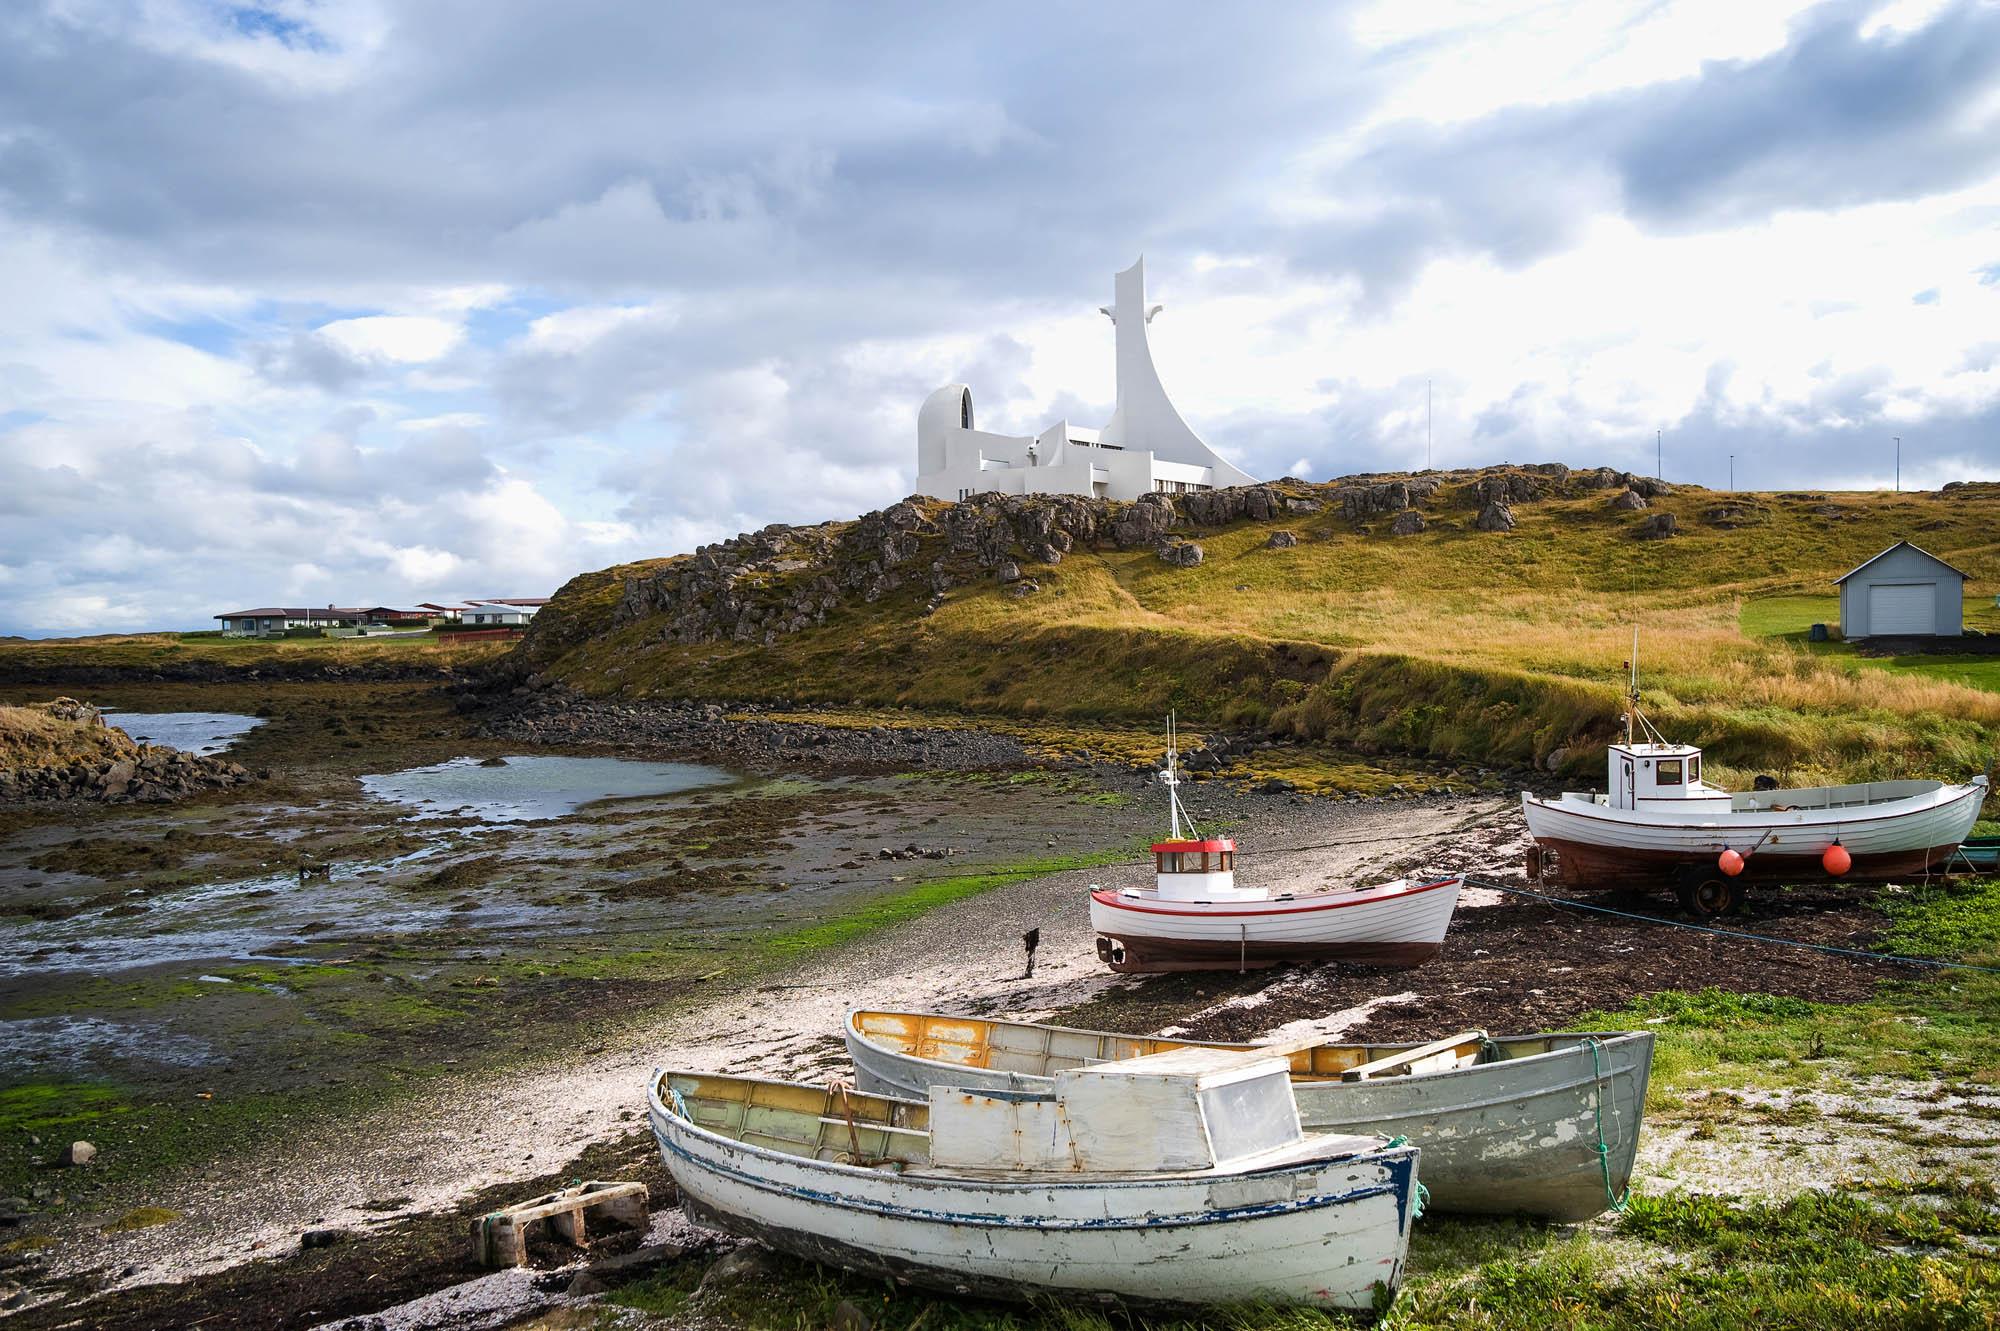 Boats on Stykkisholmur beach on Snæfellsnes peninsula